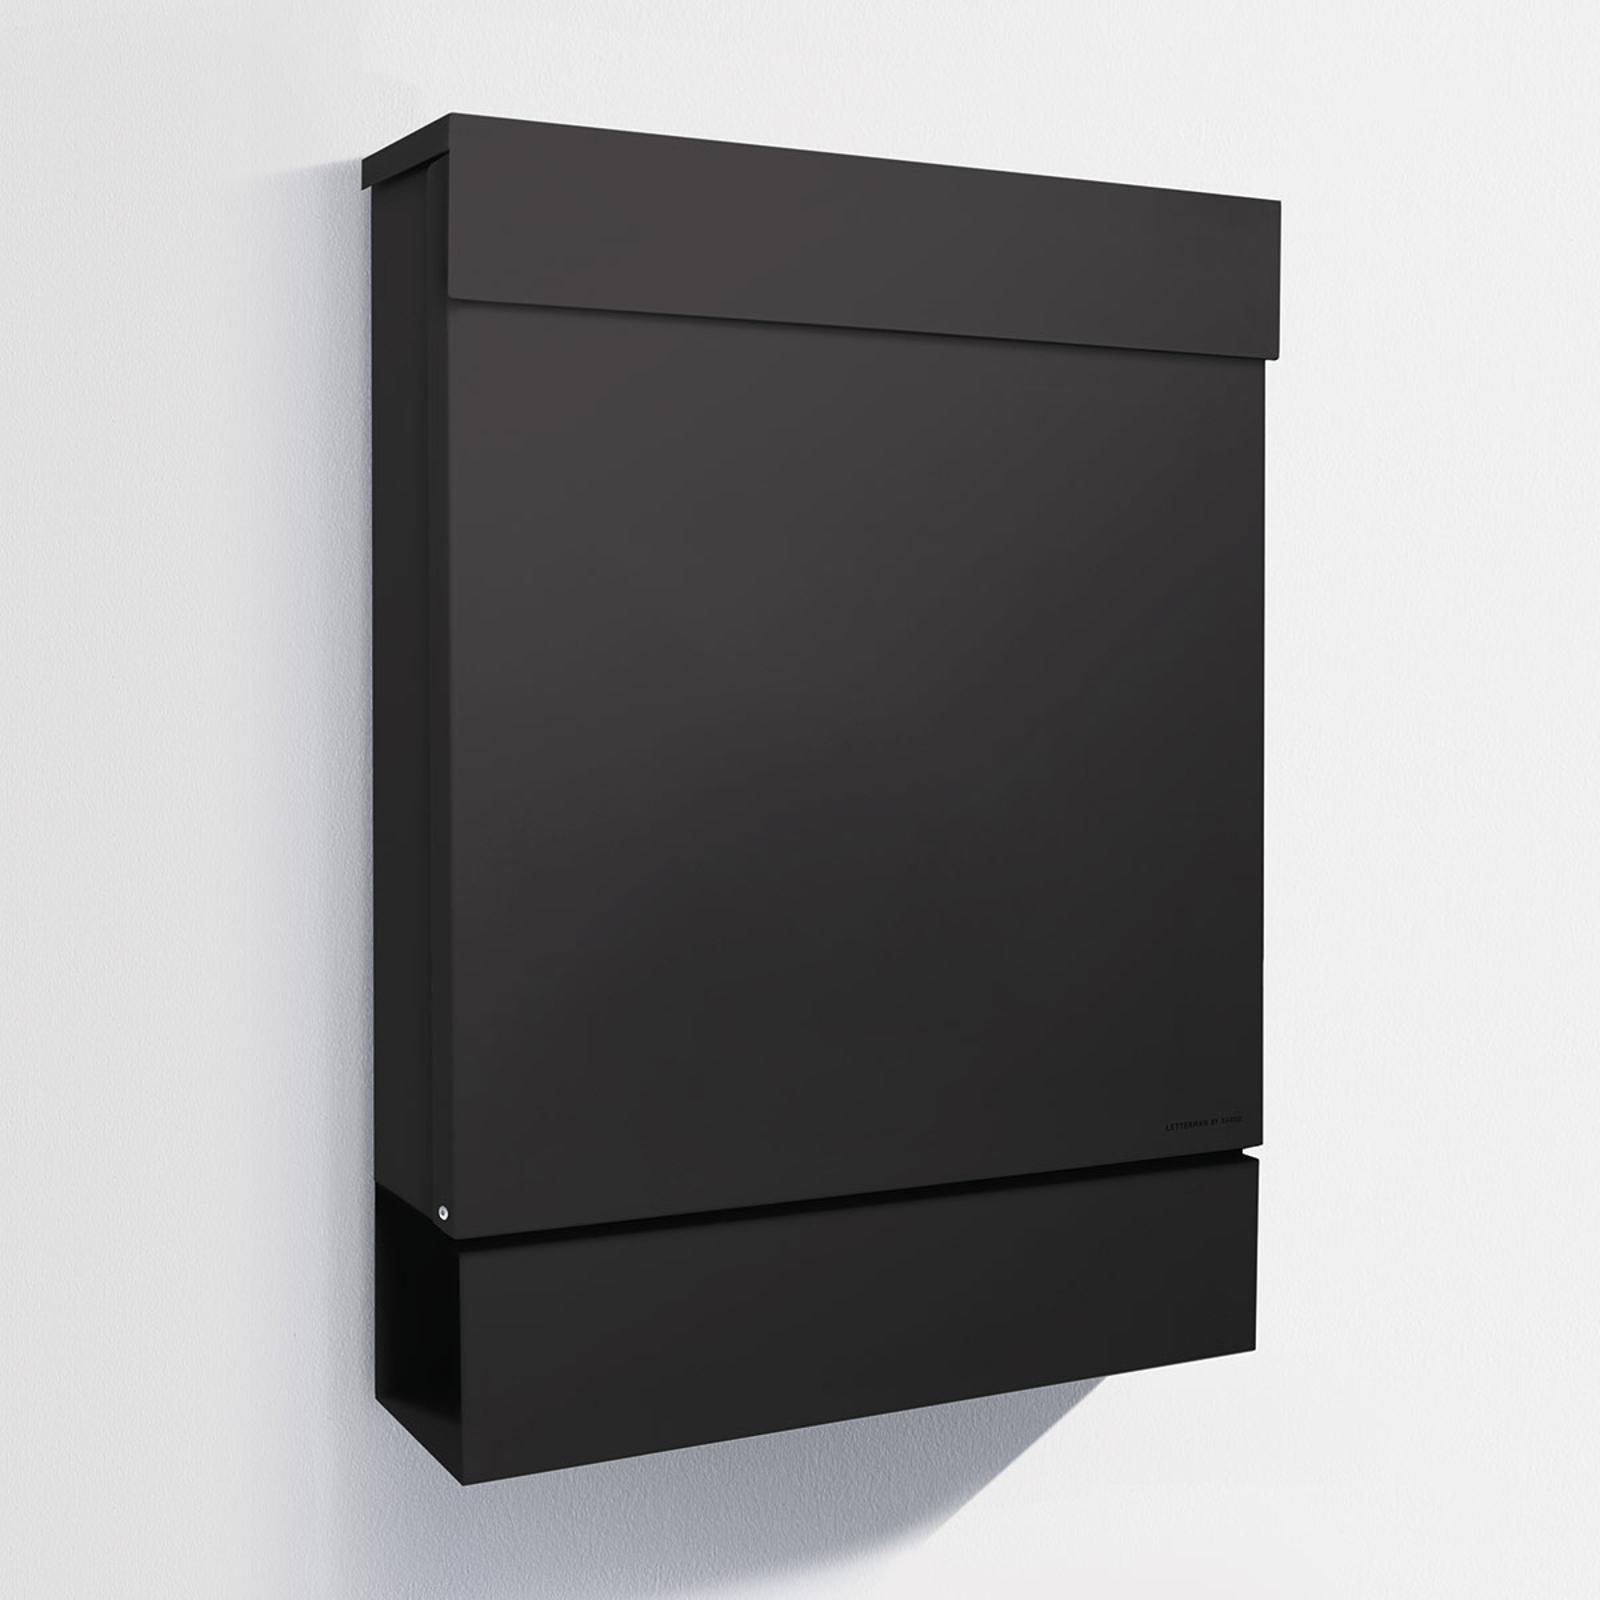 Letterman M boîte aux lettres porte-journal, noire